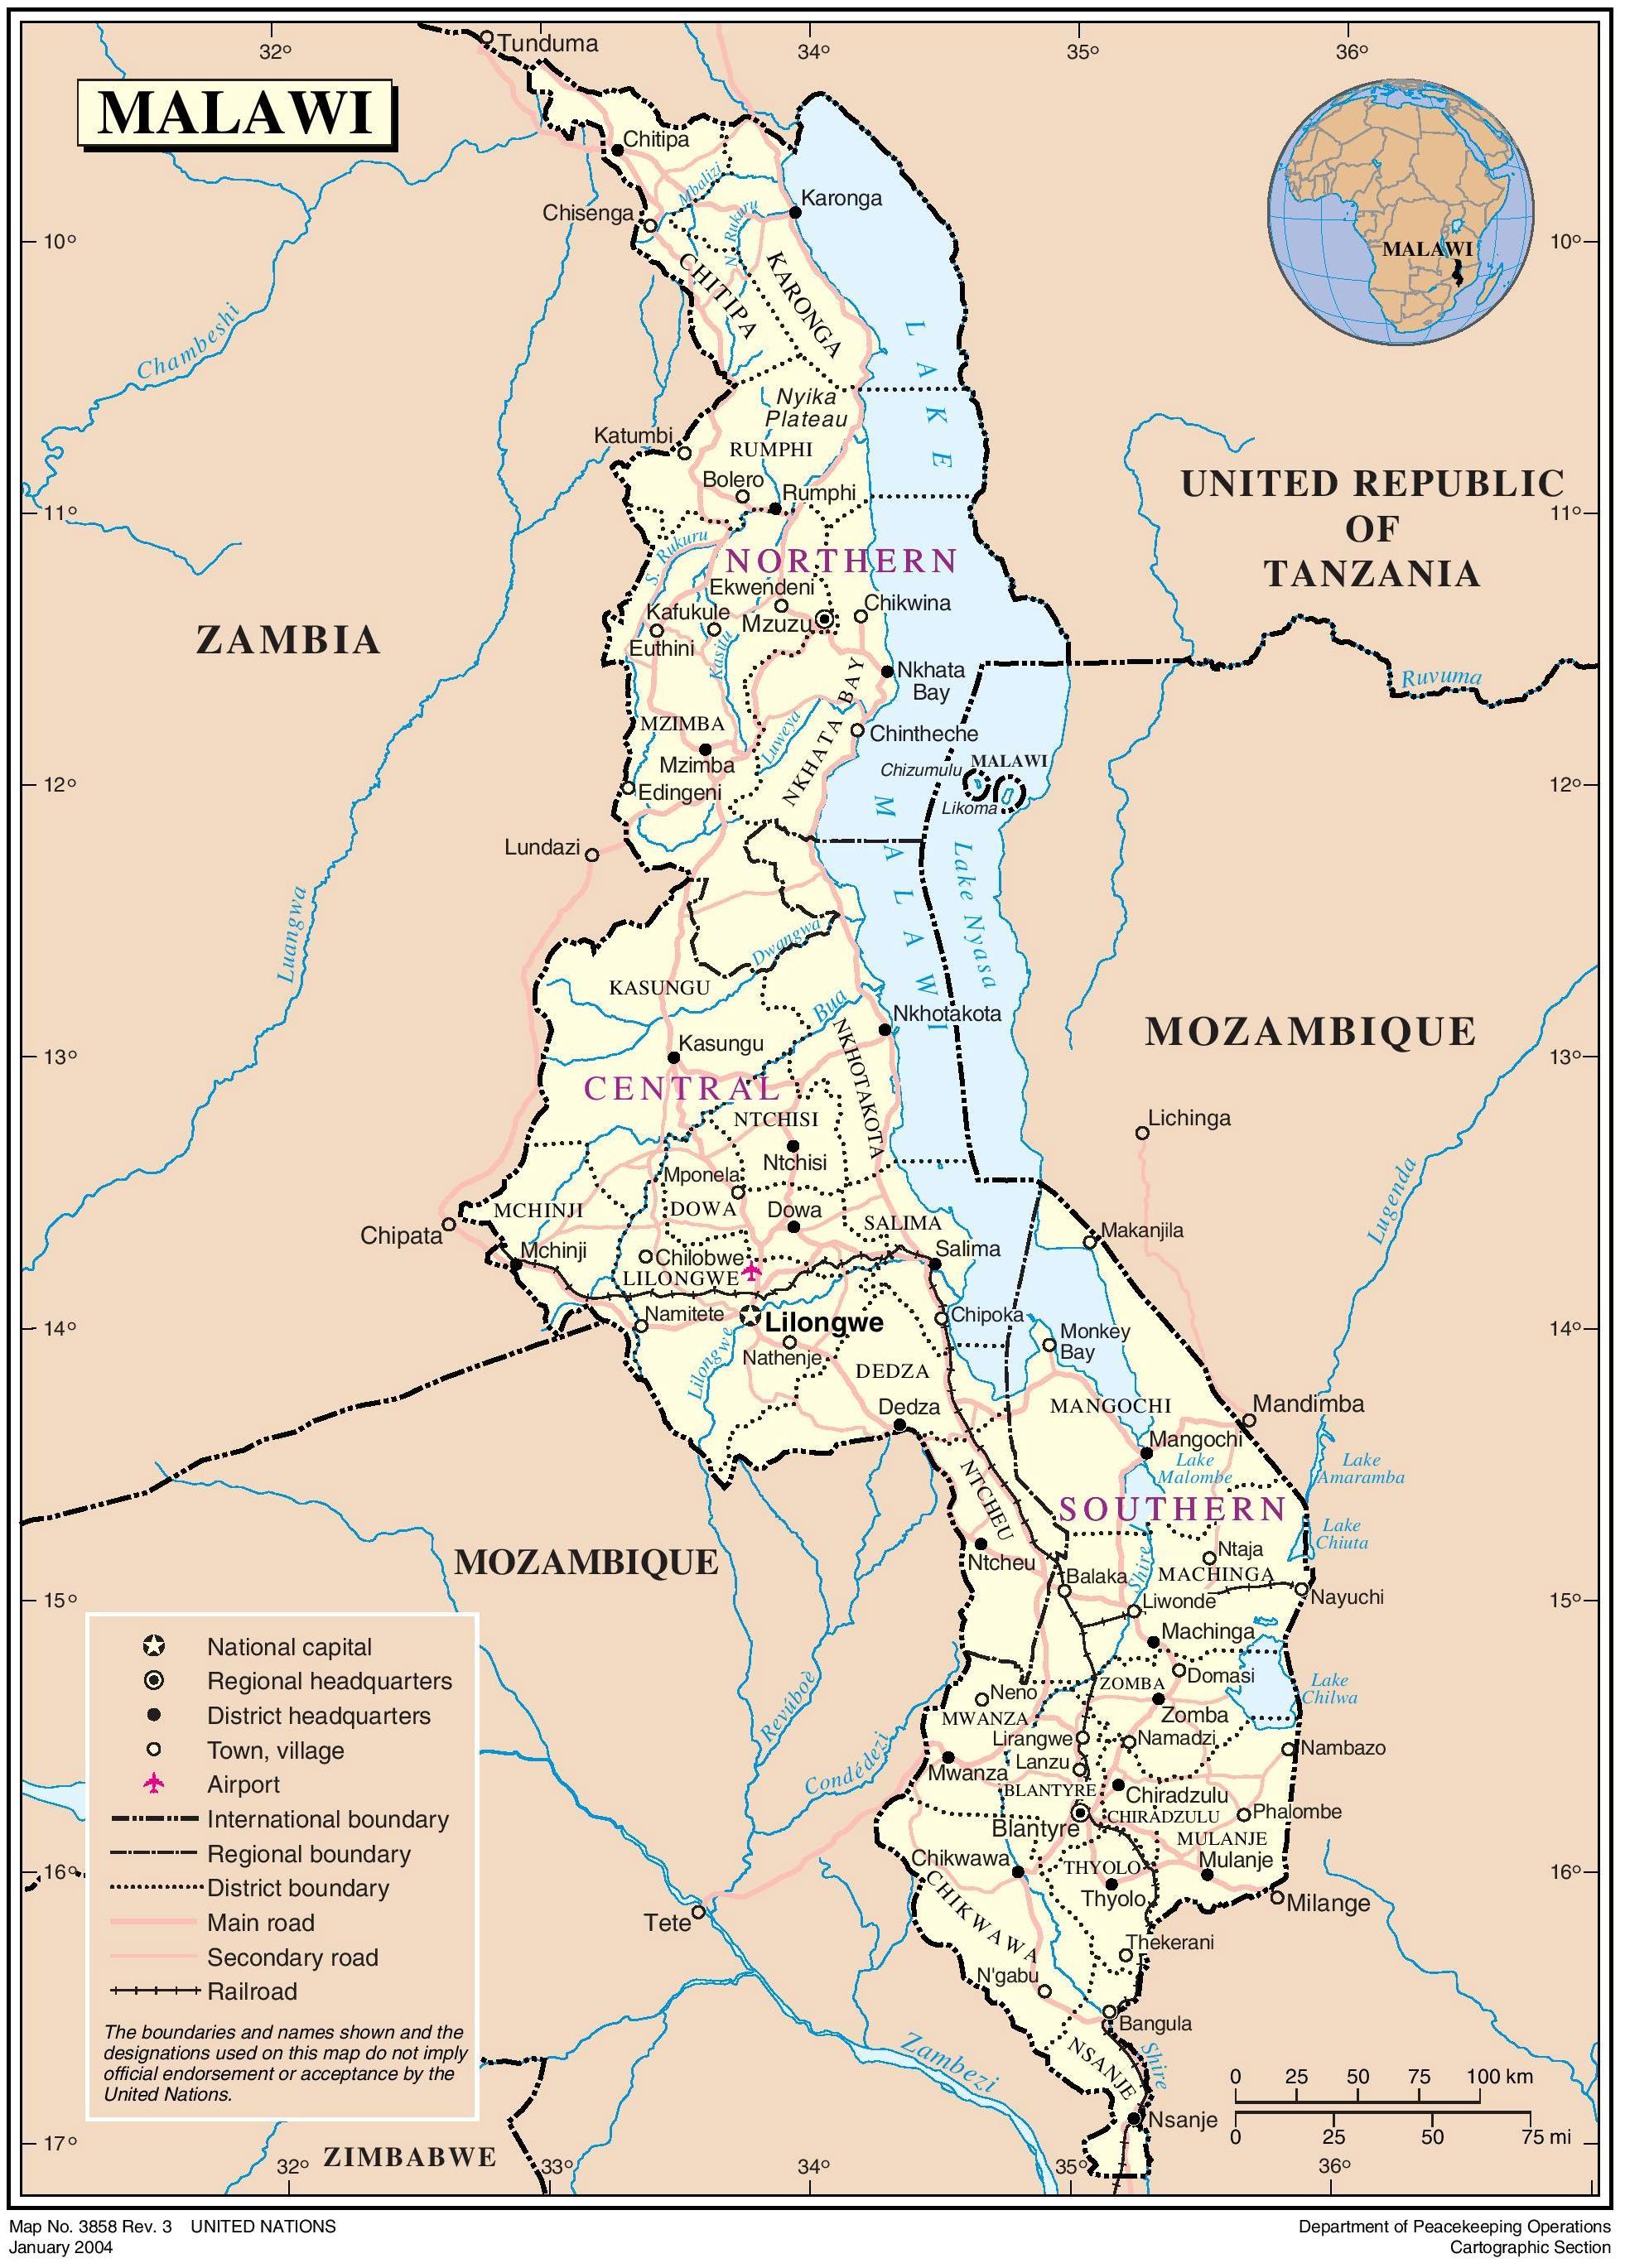 карта производства кофе в Малави